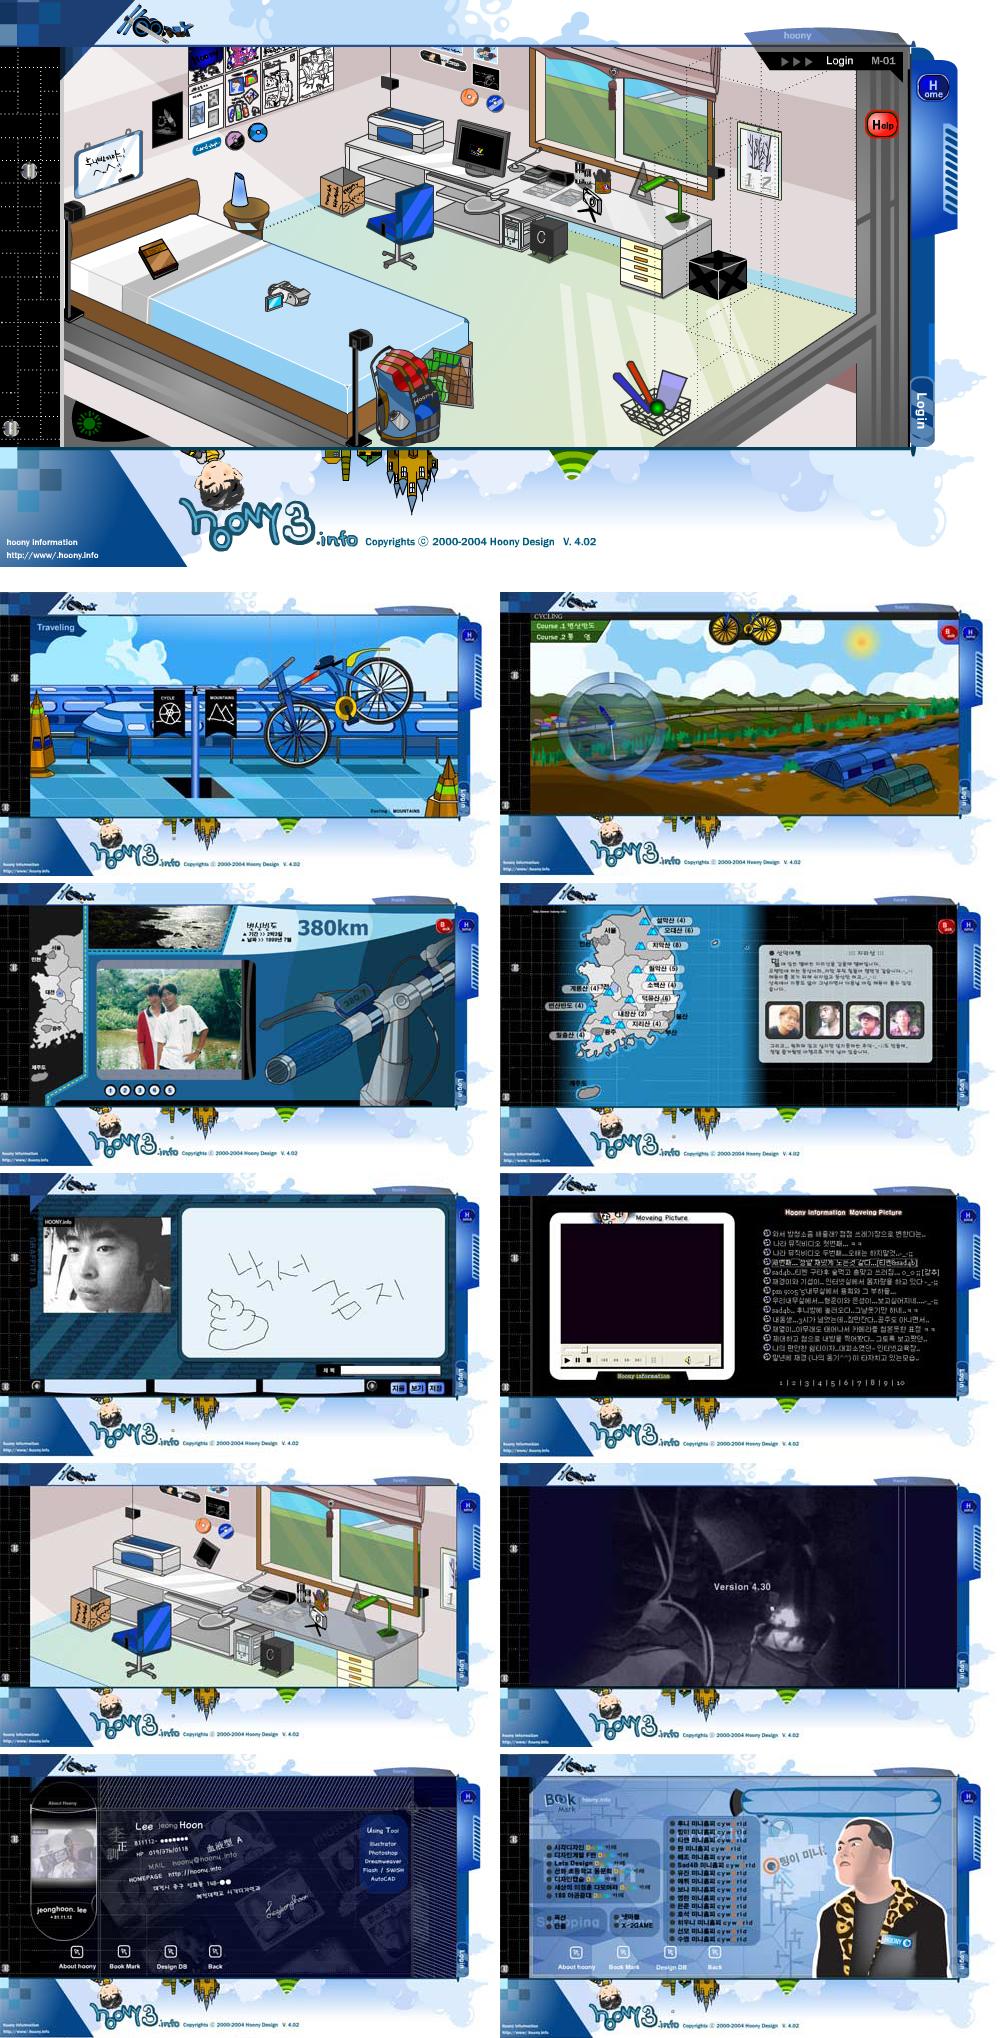 개인 홈페이지 (2004)